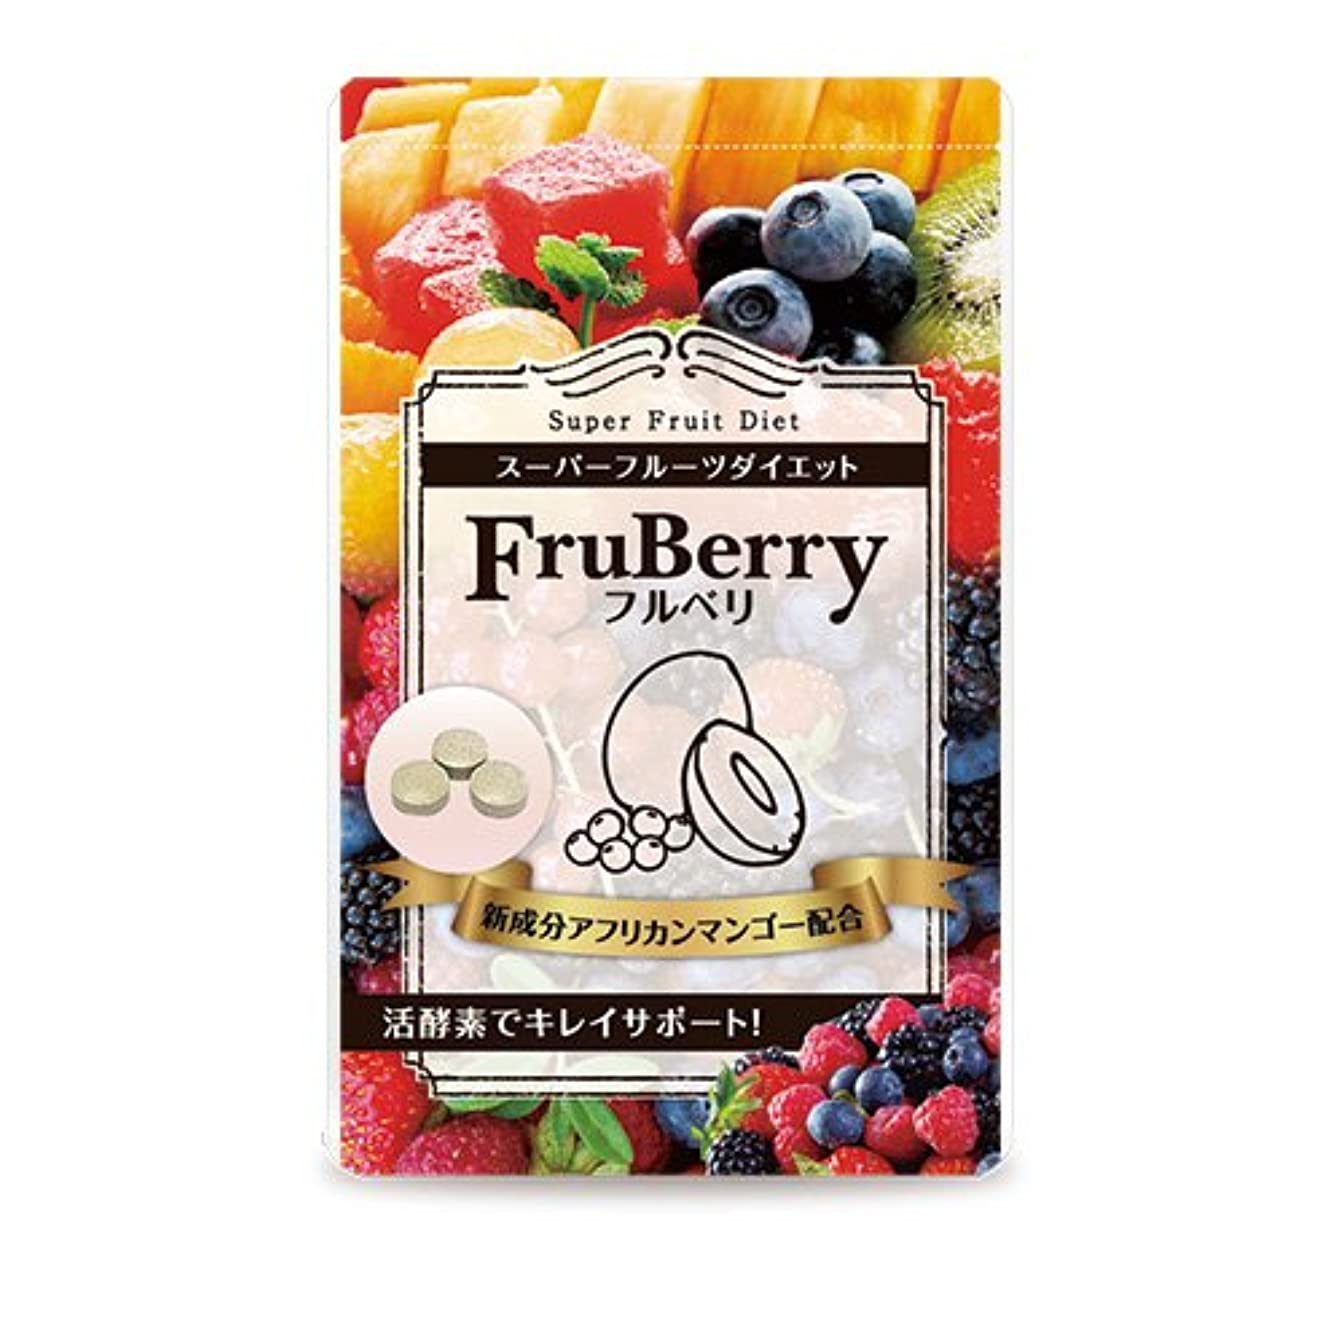 チューインガム有力者スラダムフルベリ 5袋セット 約150日分 FruBerry アフリカンマンゴー ベリー類 乳酸菌のサプリ 賞味期限間近のため半額